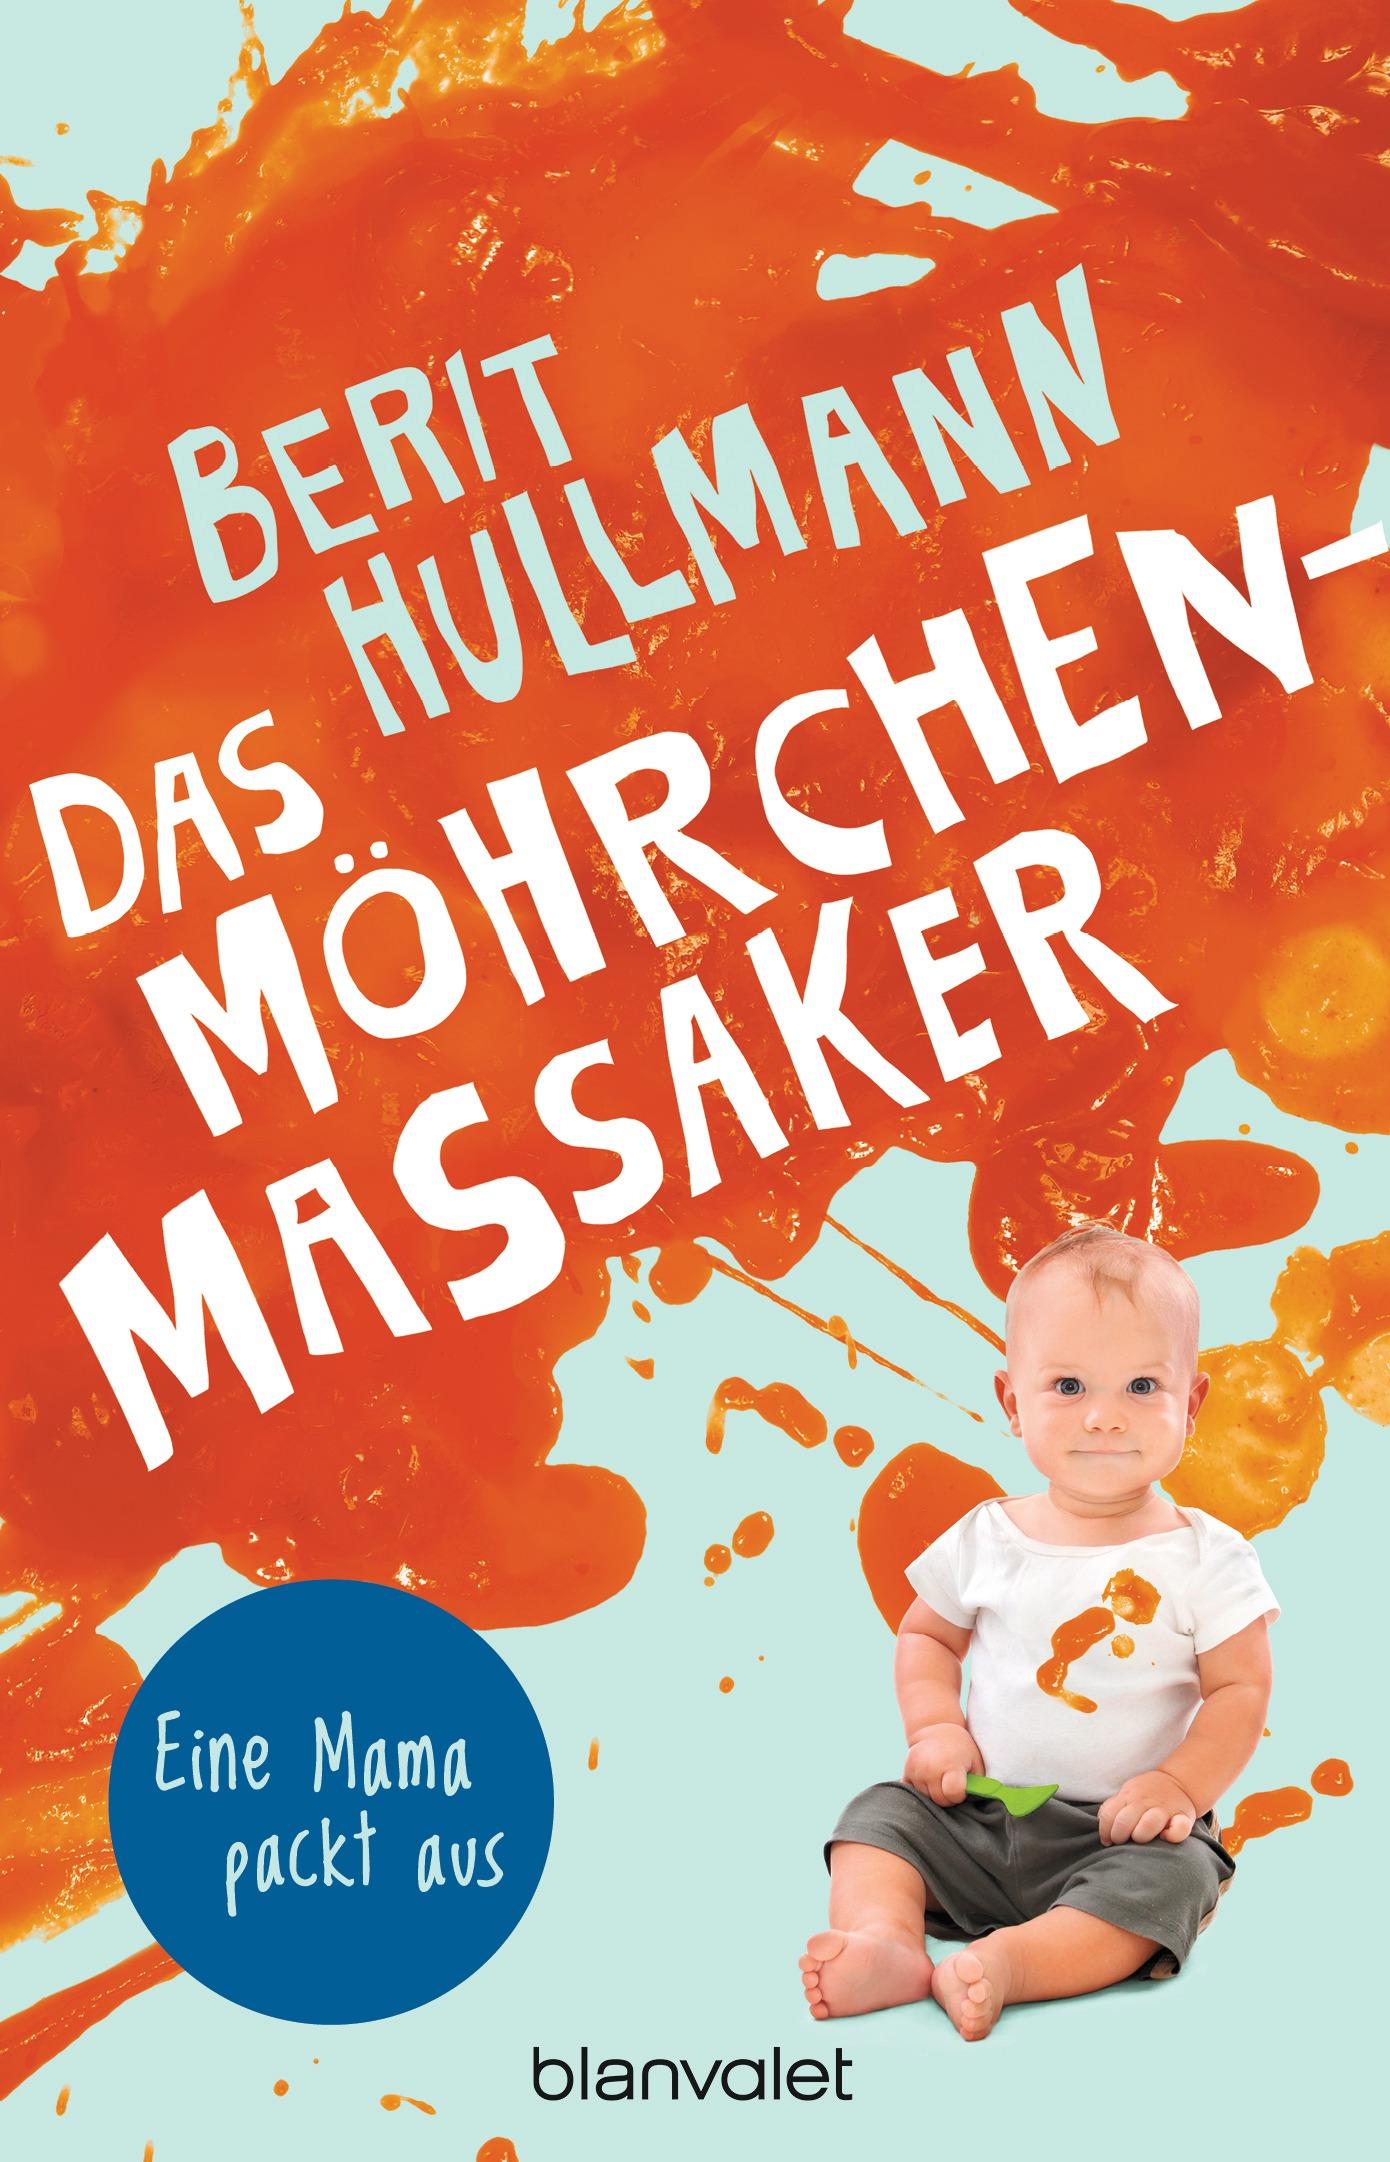 Berit Hullmann, das Möhrchen Massaker